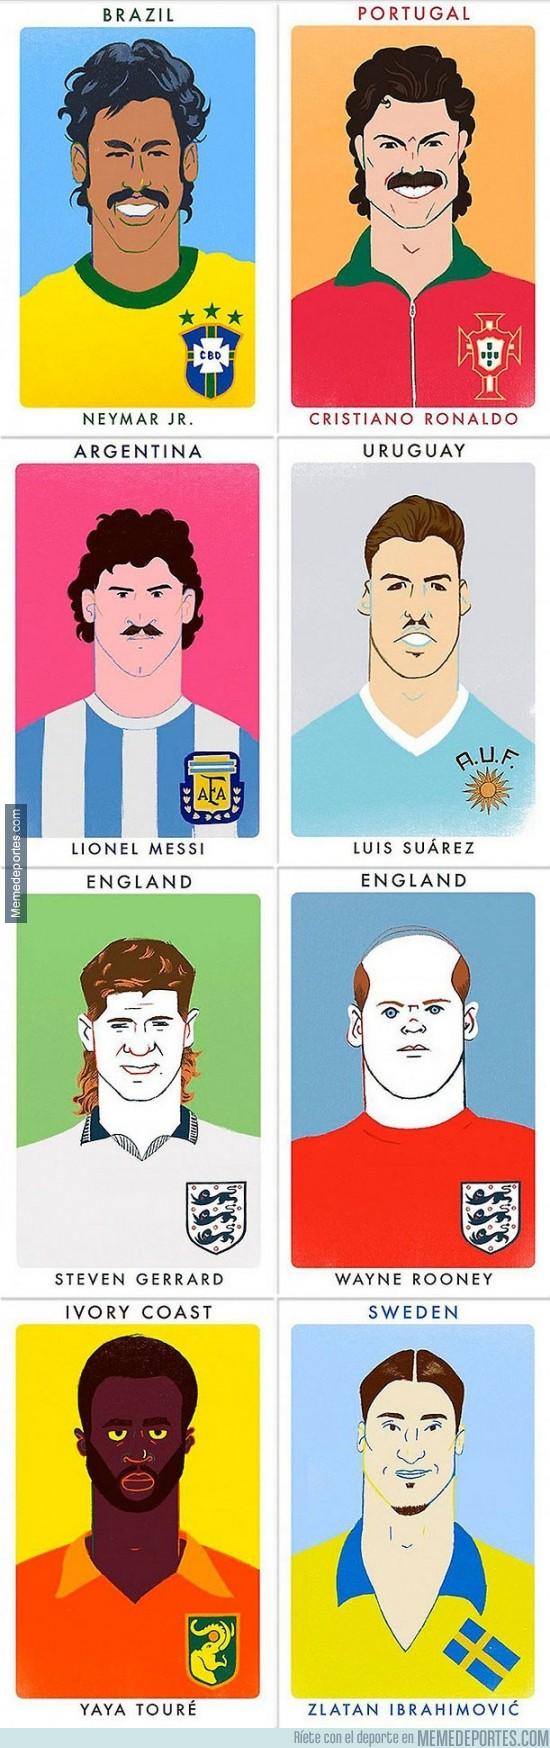 408197 - Algunas de las estrellas del fútbol como en los 70